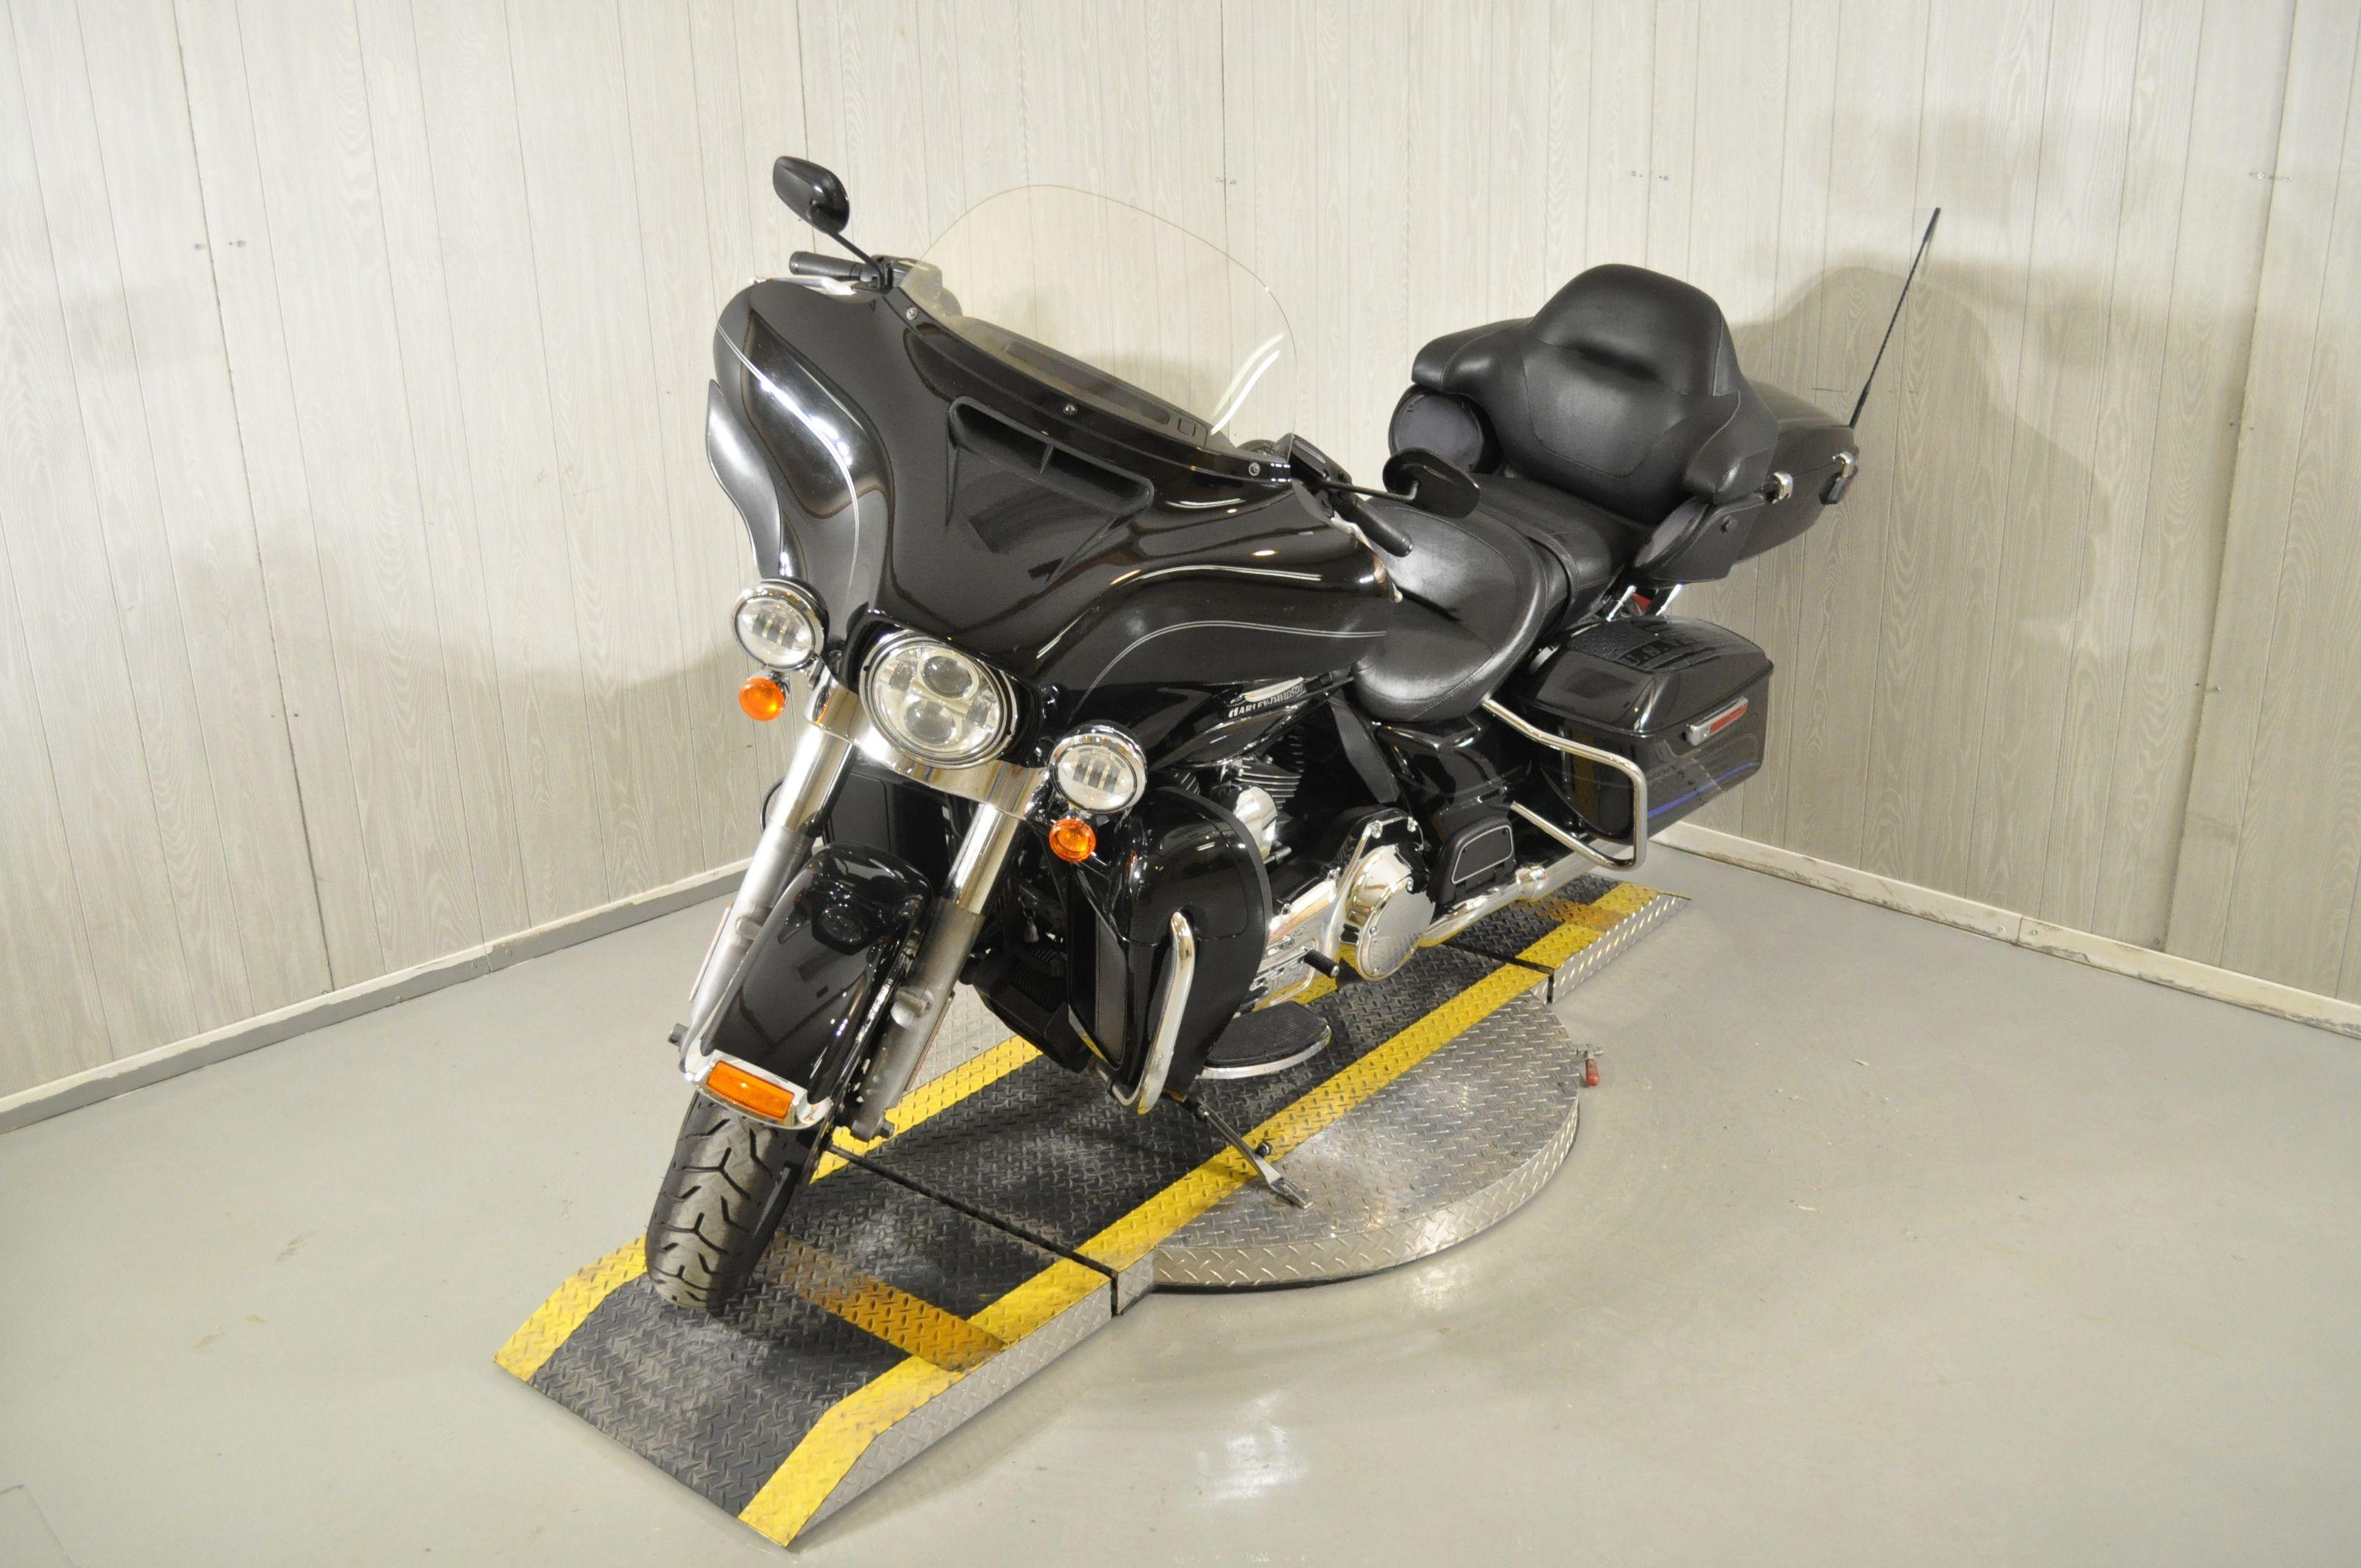 Pre-Owned 2015 Harley-Davidson Electra Glide Ultra Classic FLHTCU